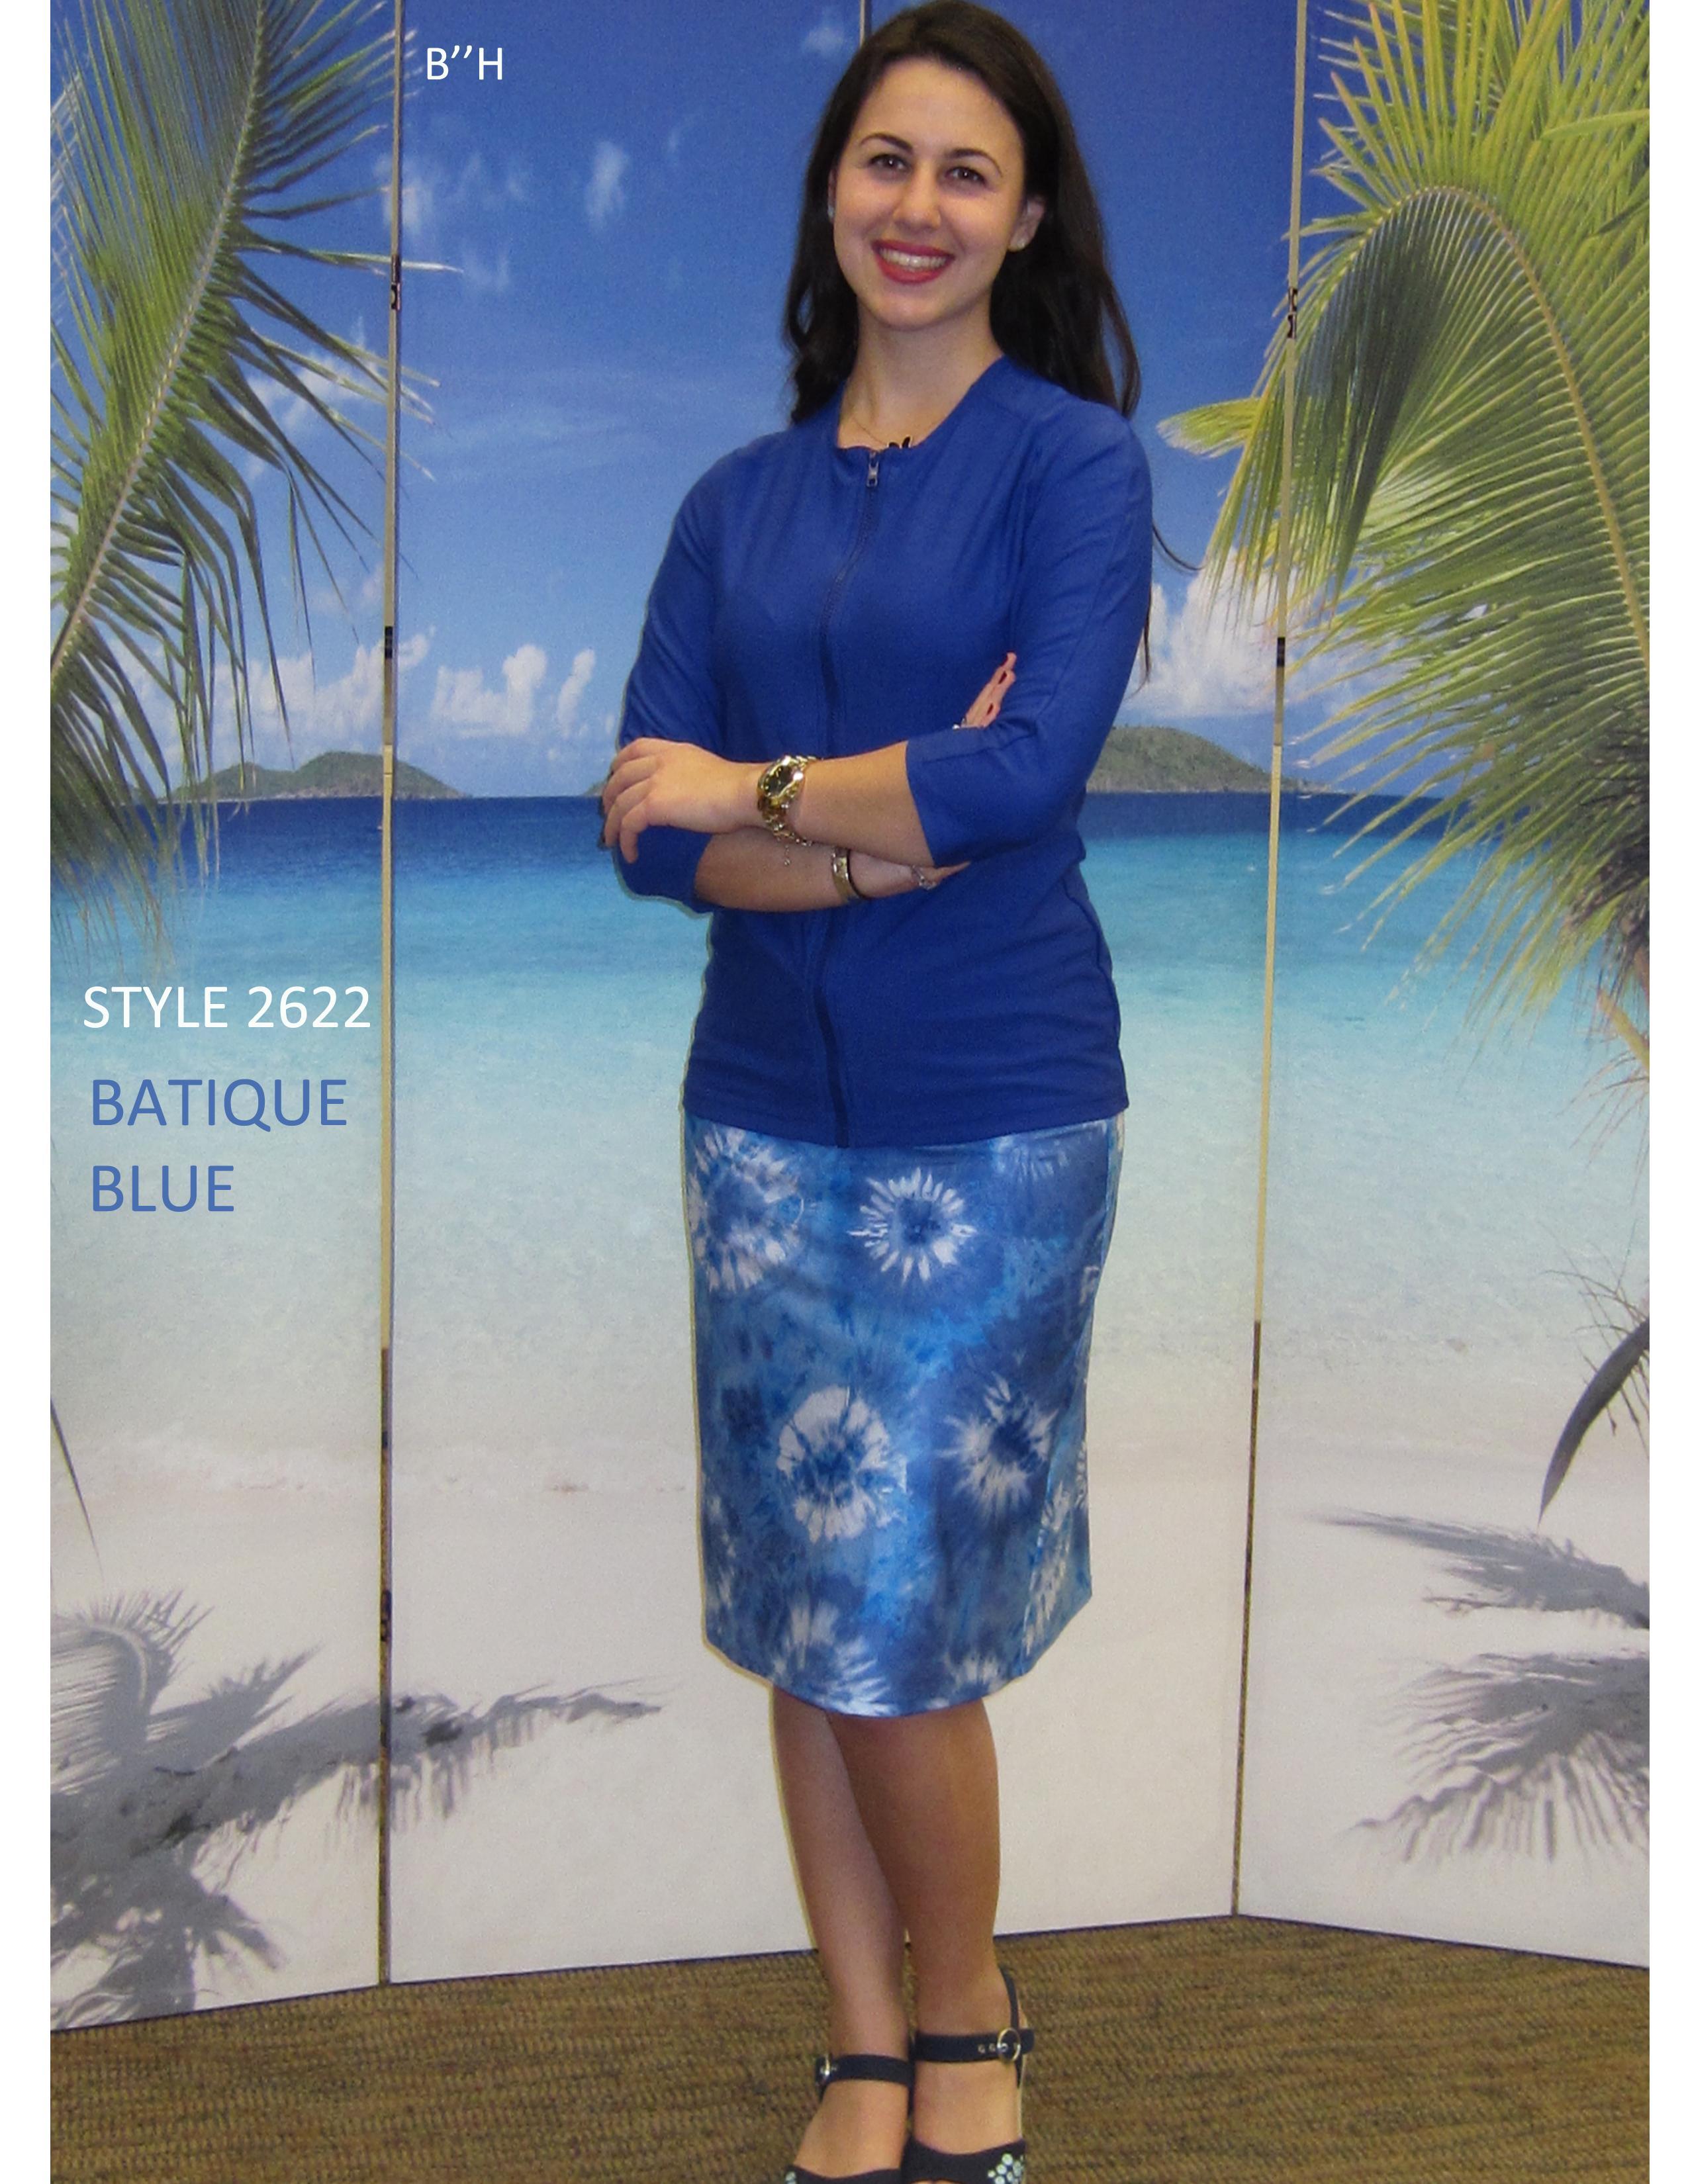 model-wearing-style-2622-in-batique-blue-new.jpg